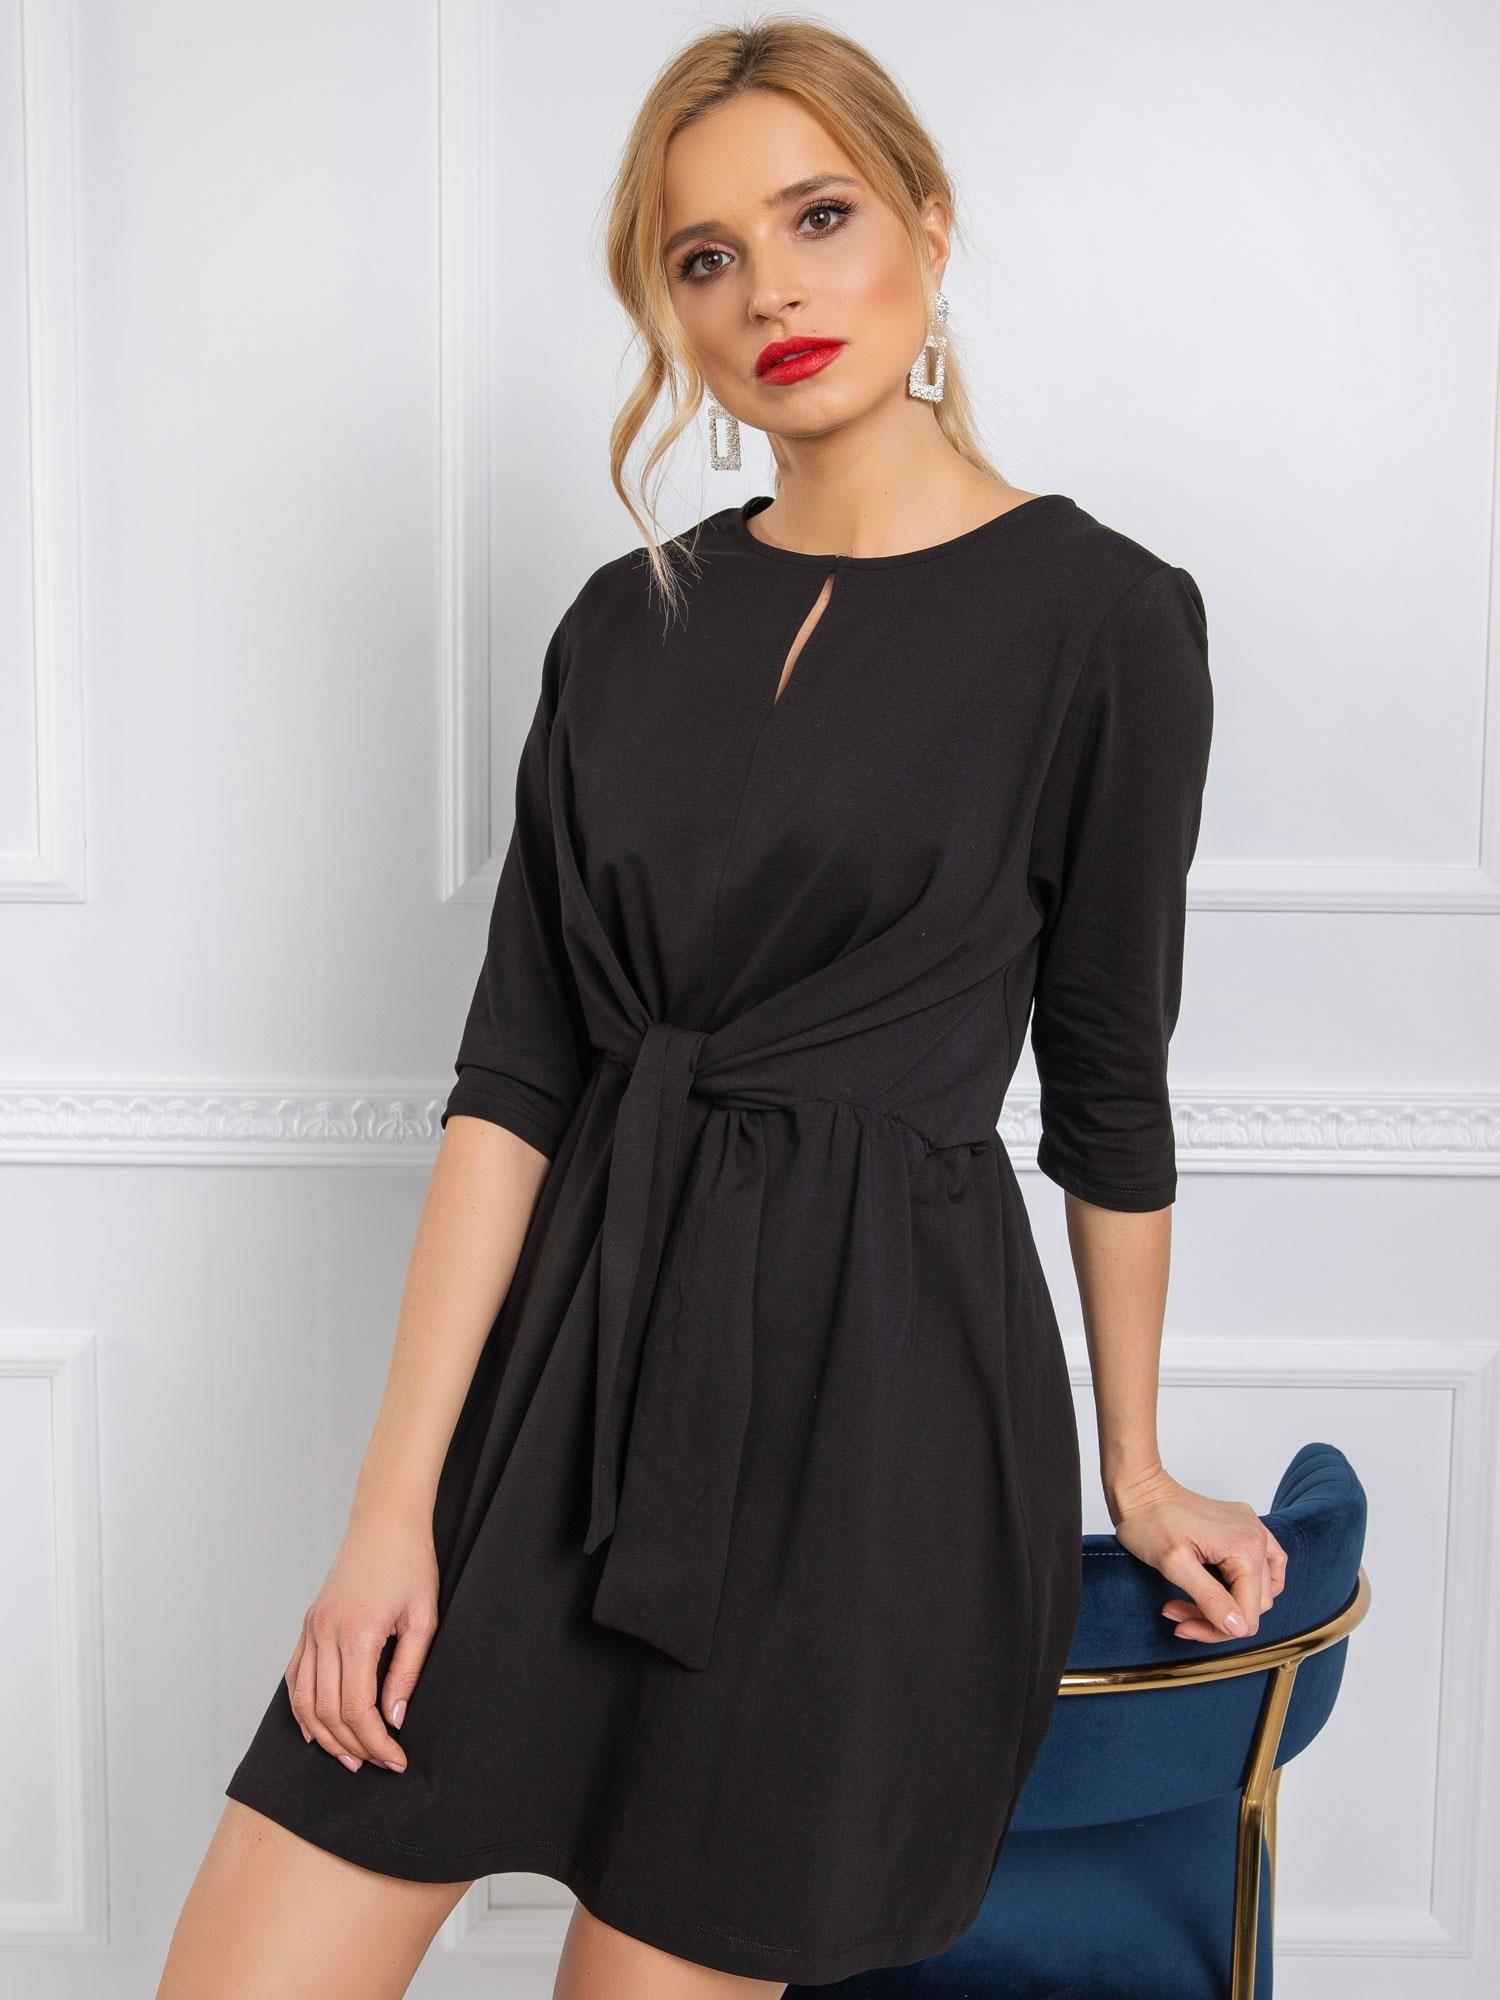 Dámske čierne šaty s viazaním - L